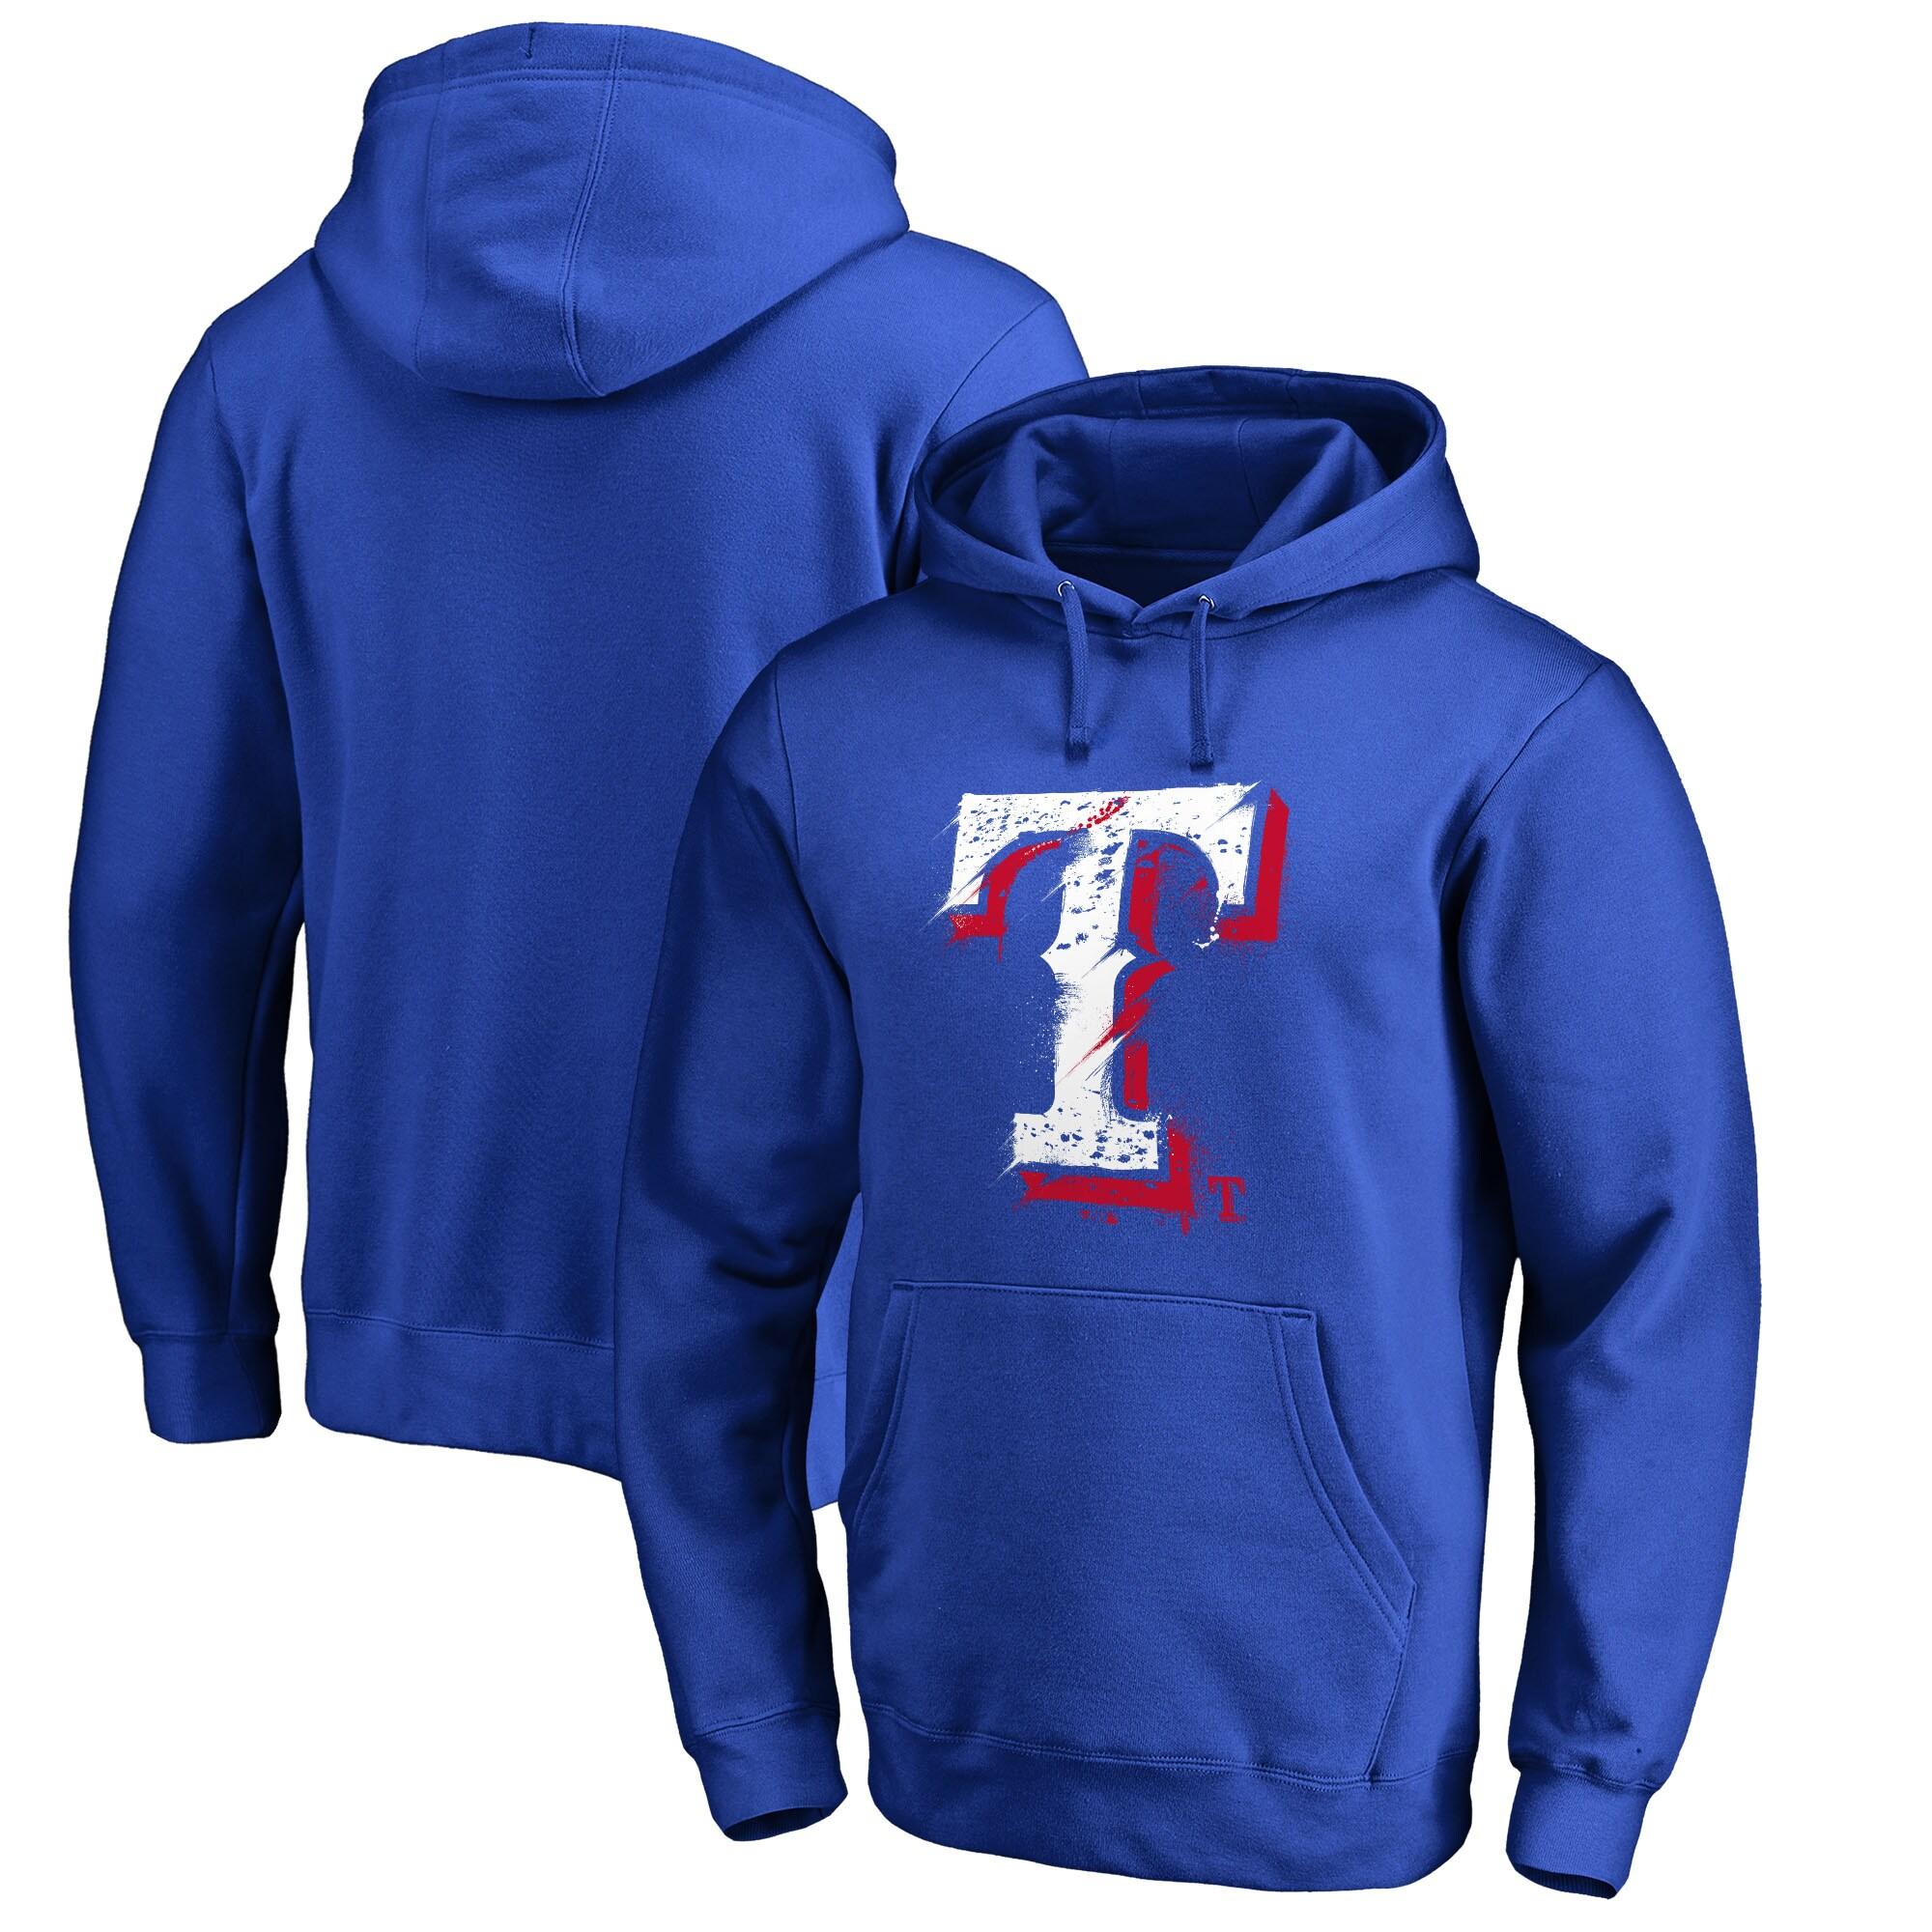 Texas Rangers Fanatics Branded Splatter Logo Pullover Hoodie - Royal